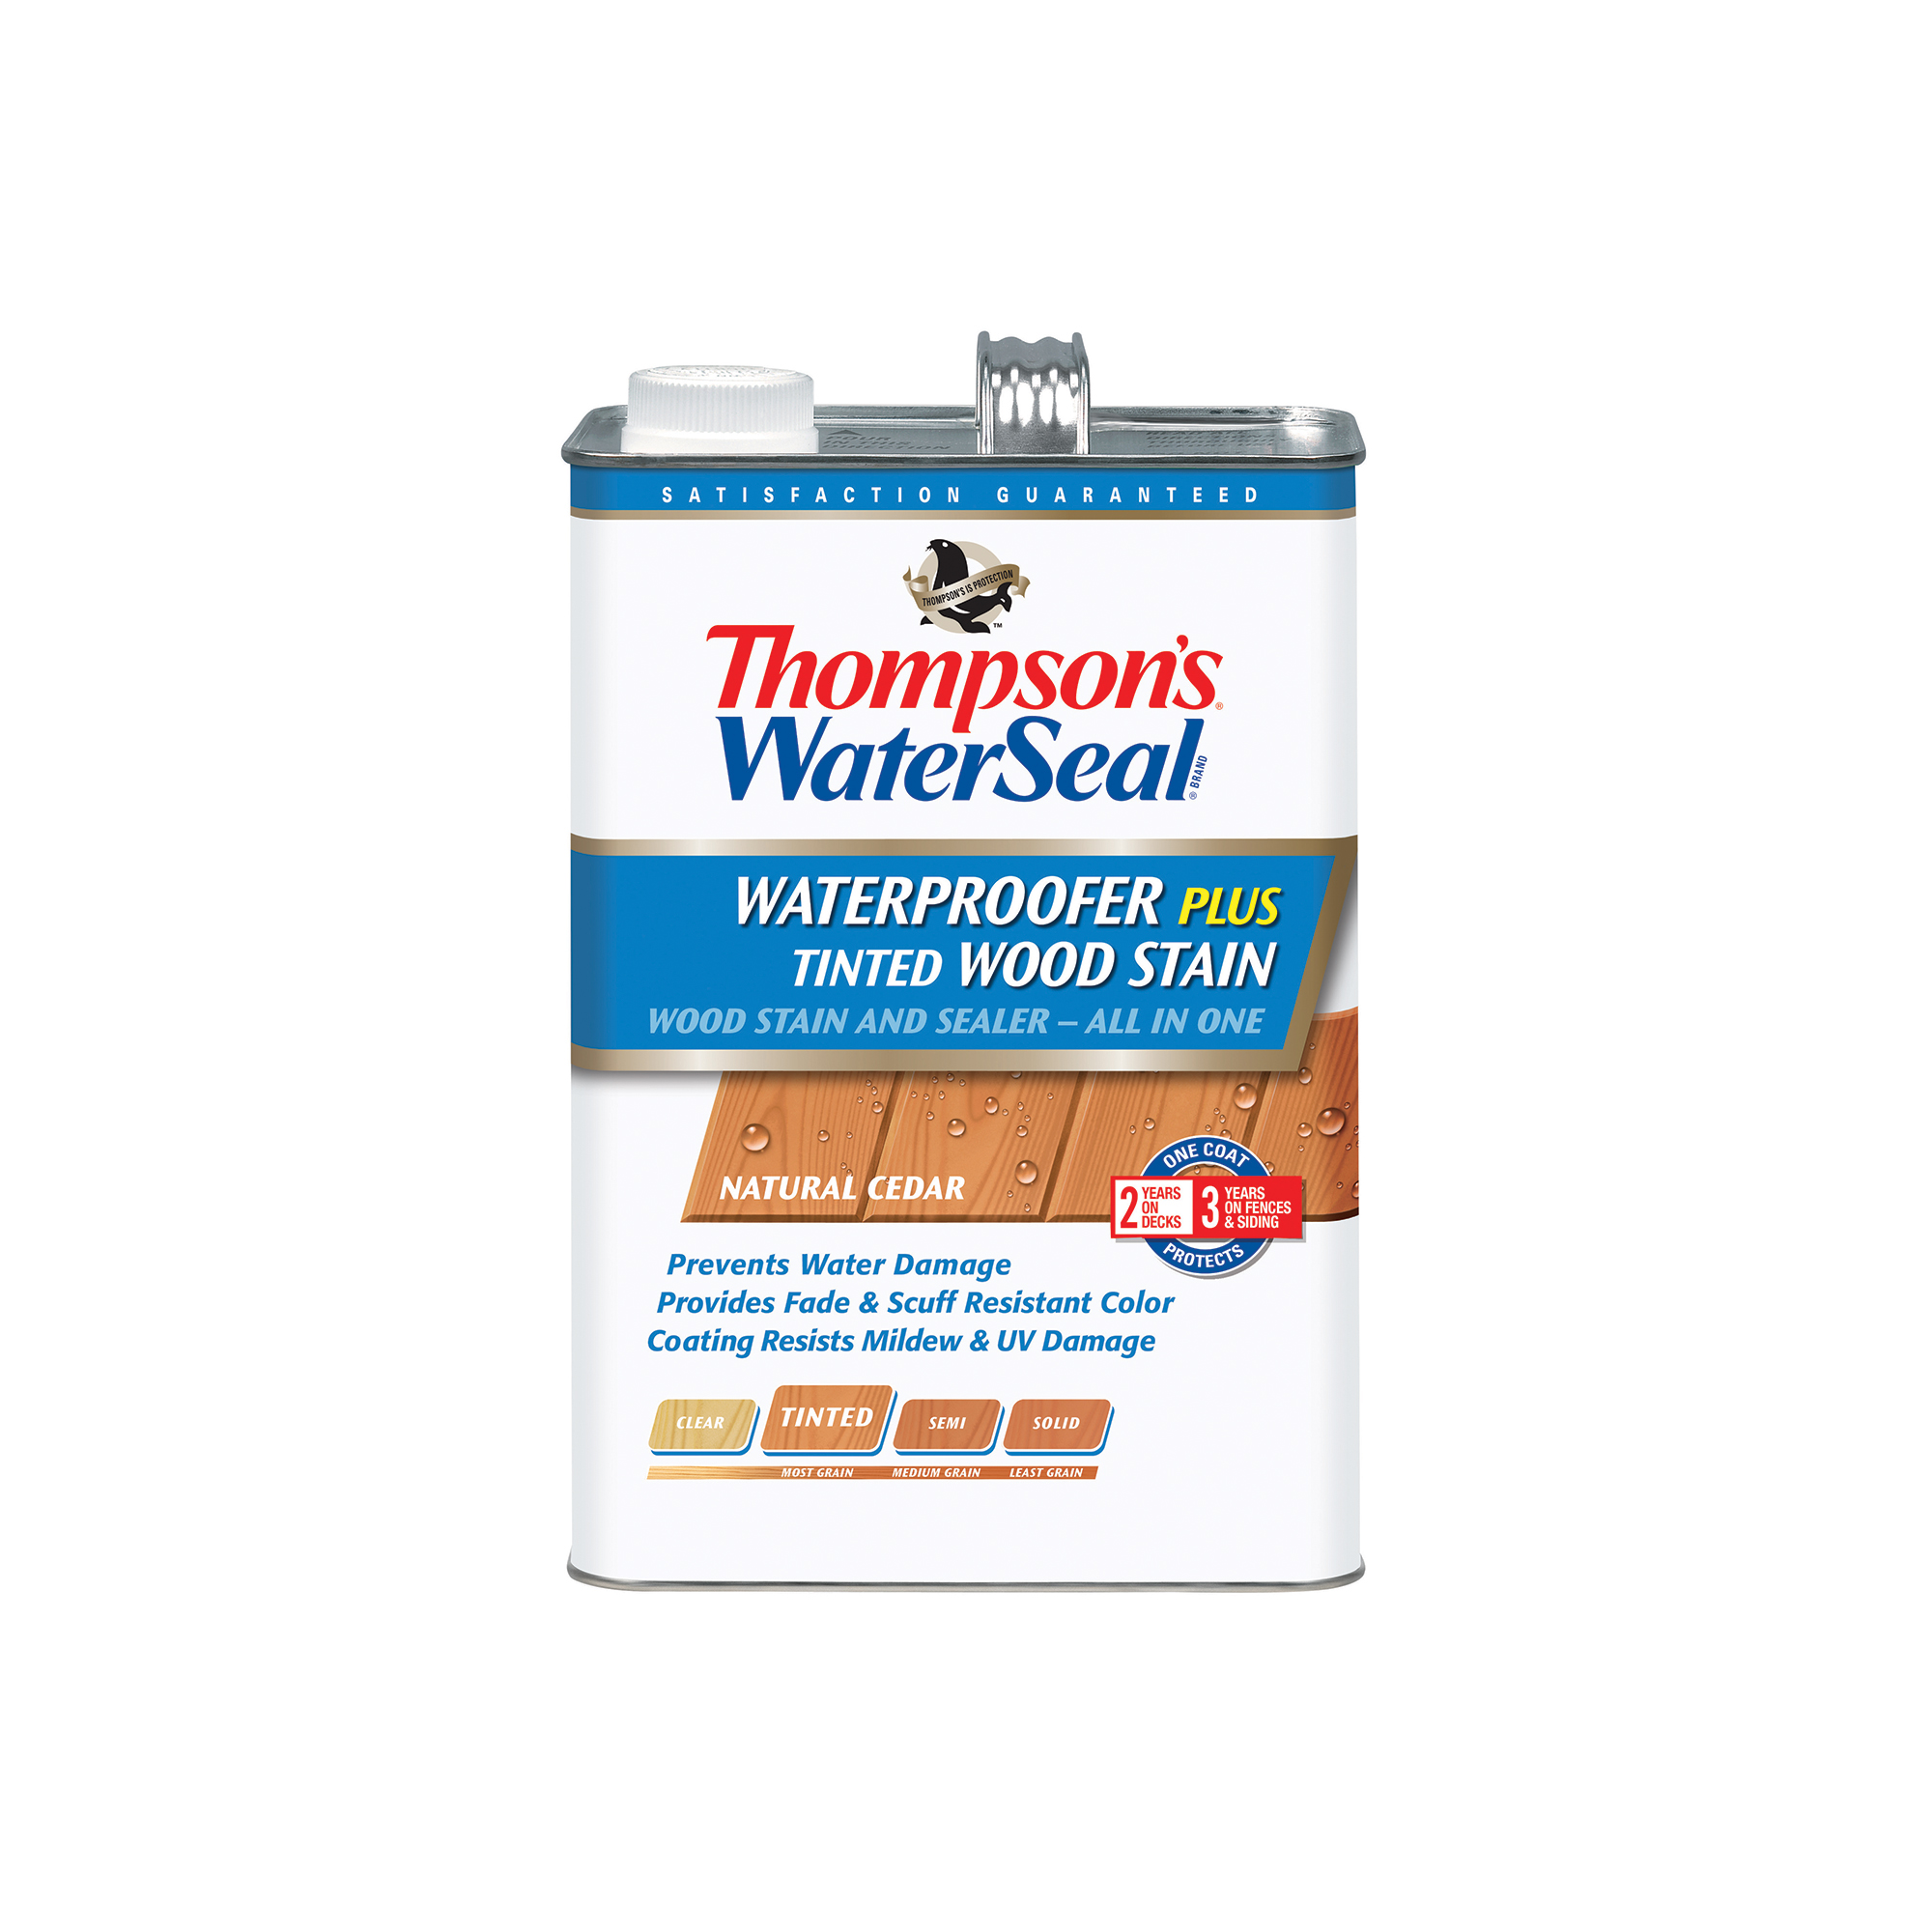 Thompson's WaterSeal Waterproofer Plus Tinted Wood Stain, Natural Cedar, 1-Gal